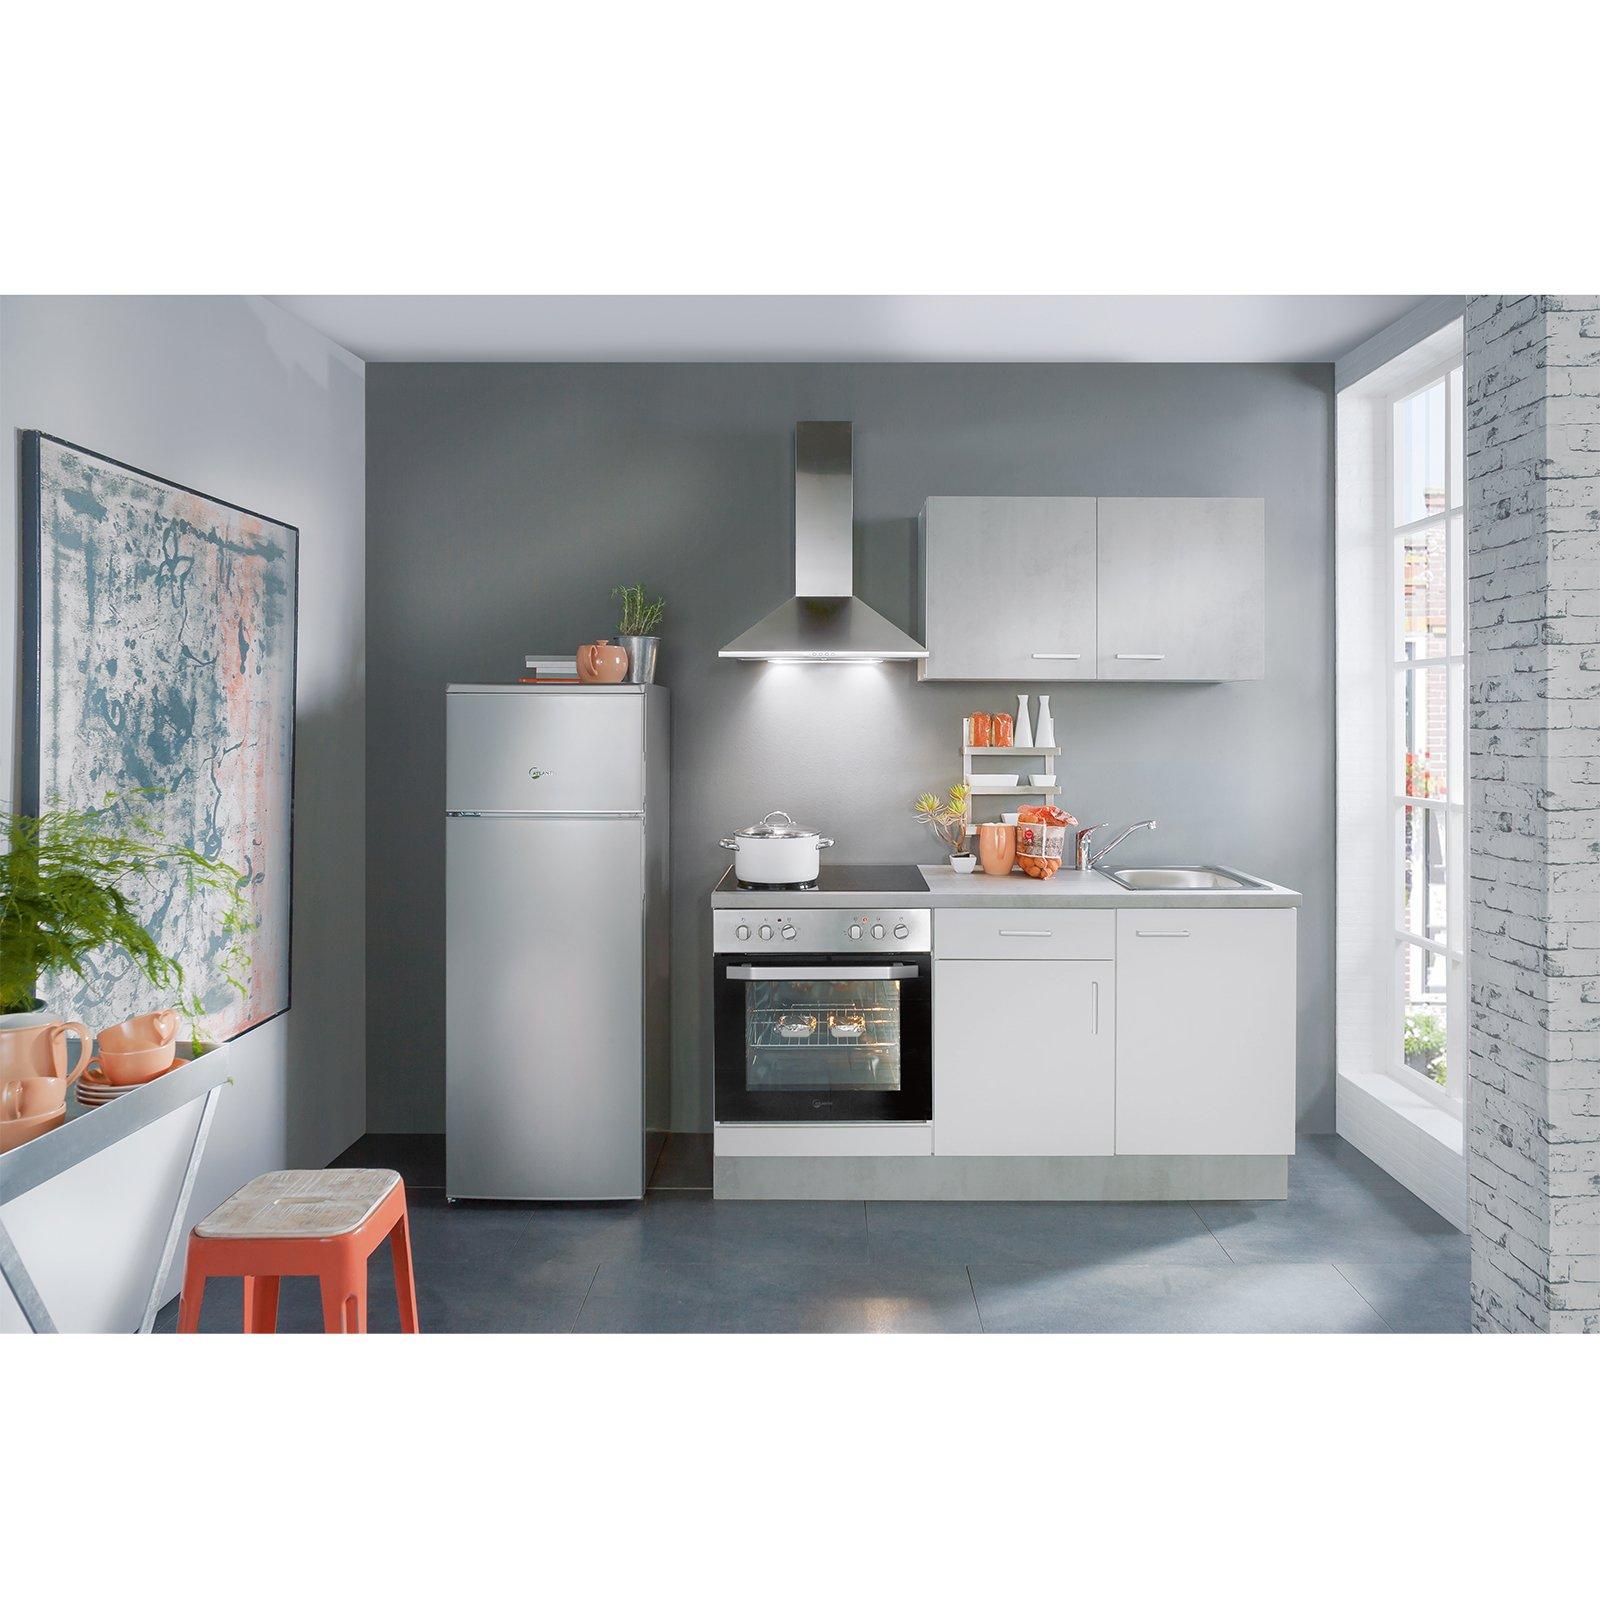 Full Size of Roller Küchen Mini Kche Wei Beton Optik 160 Cm Online Bei Kaufen Regal Regale Wohnzimmer Roller Küchen